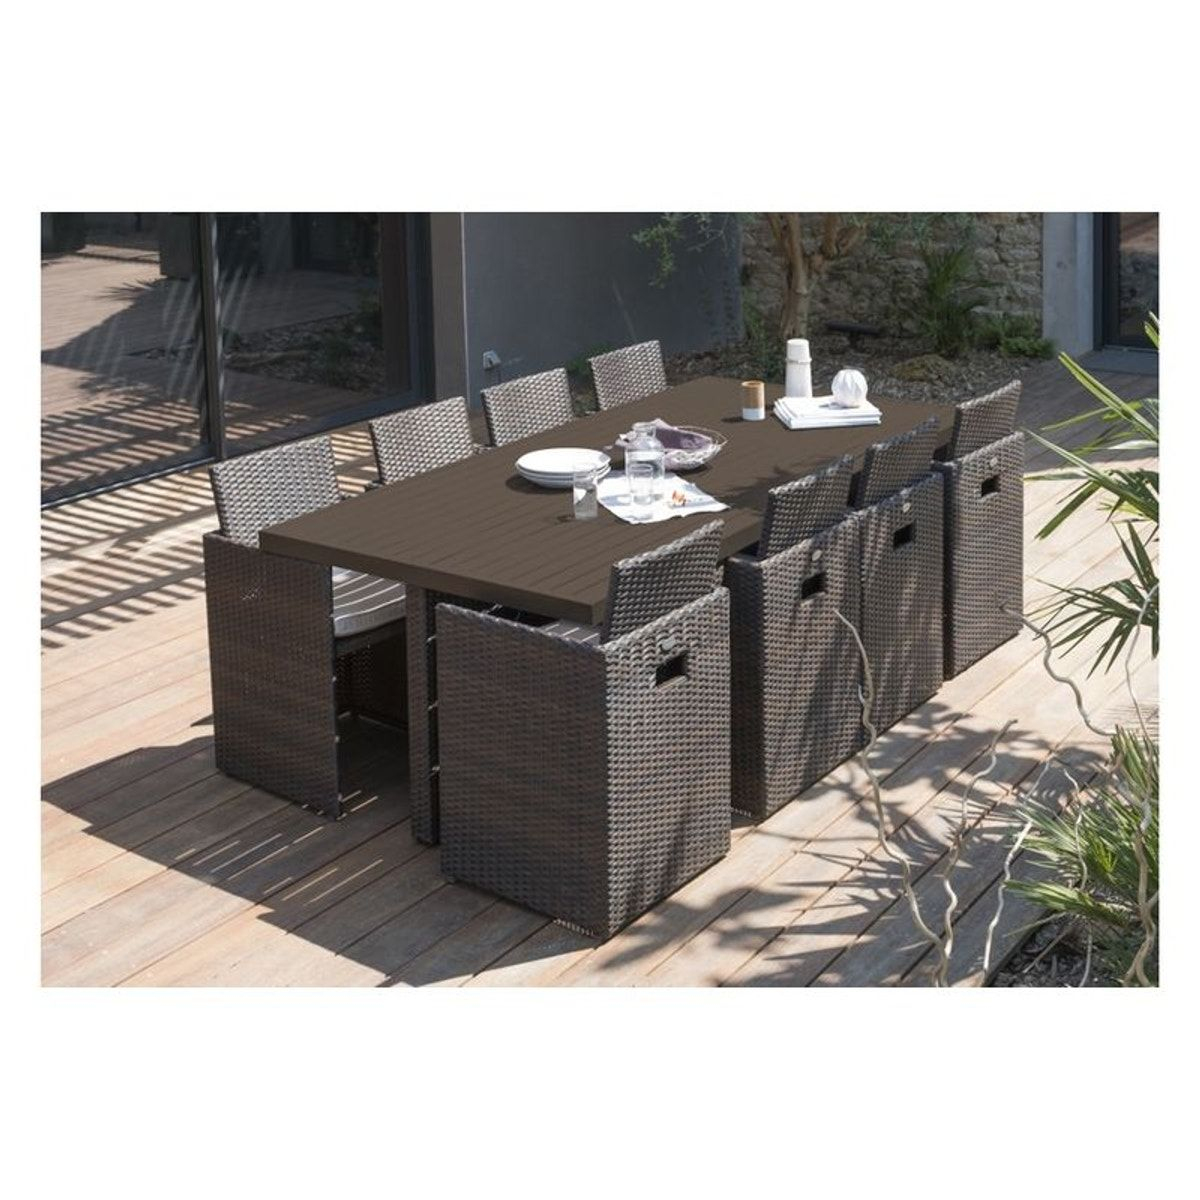 Salon De Jardin Encastrable Rio 8 Places - Taille : Taille ... intérieur Table De Jardin Encastrable